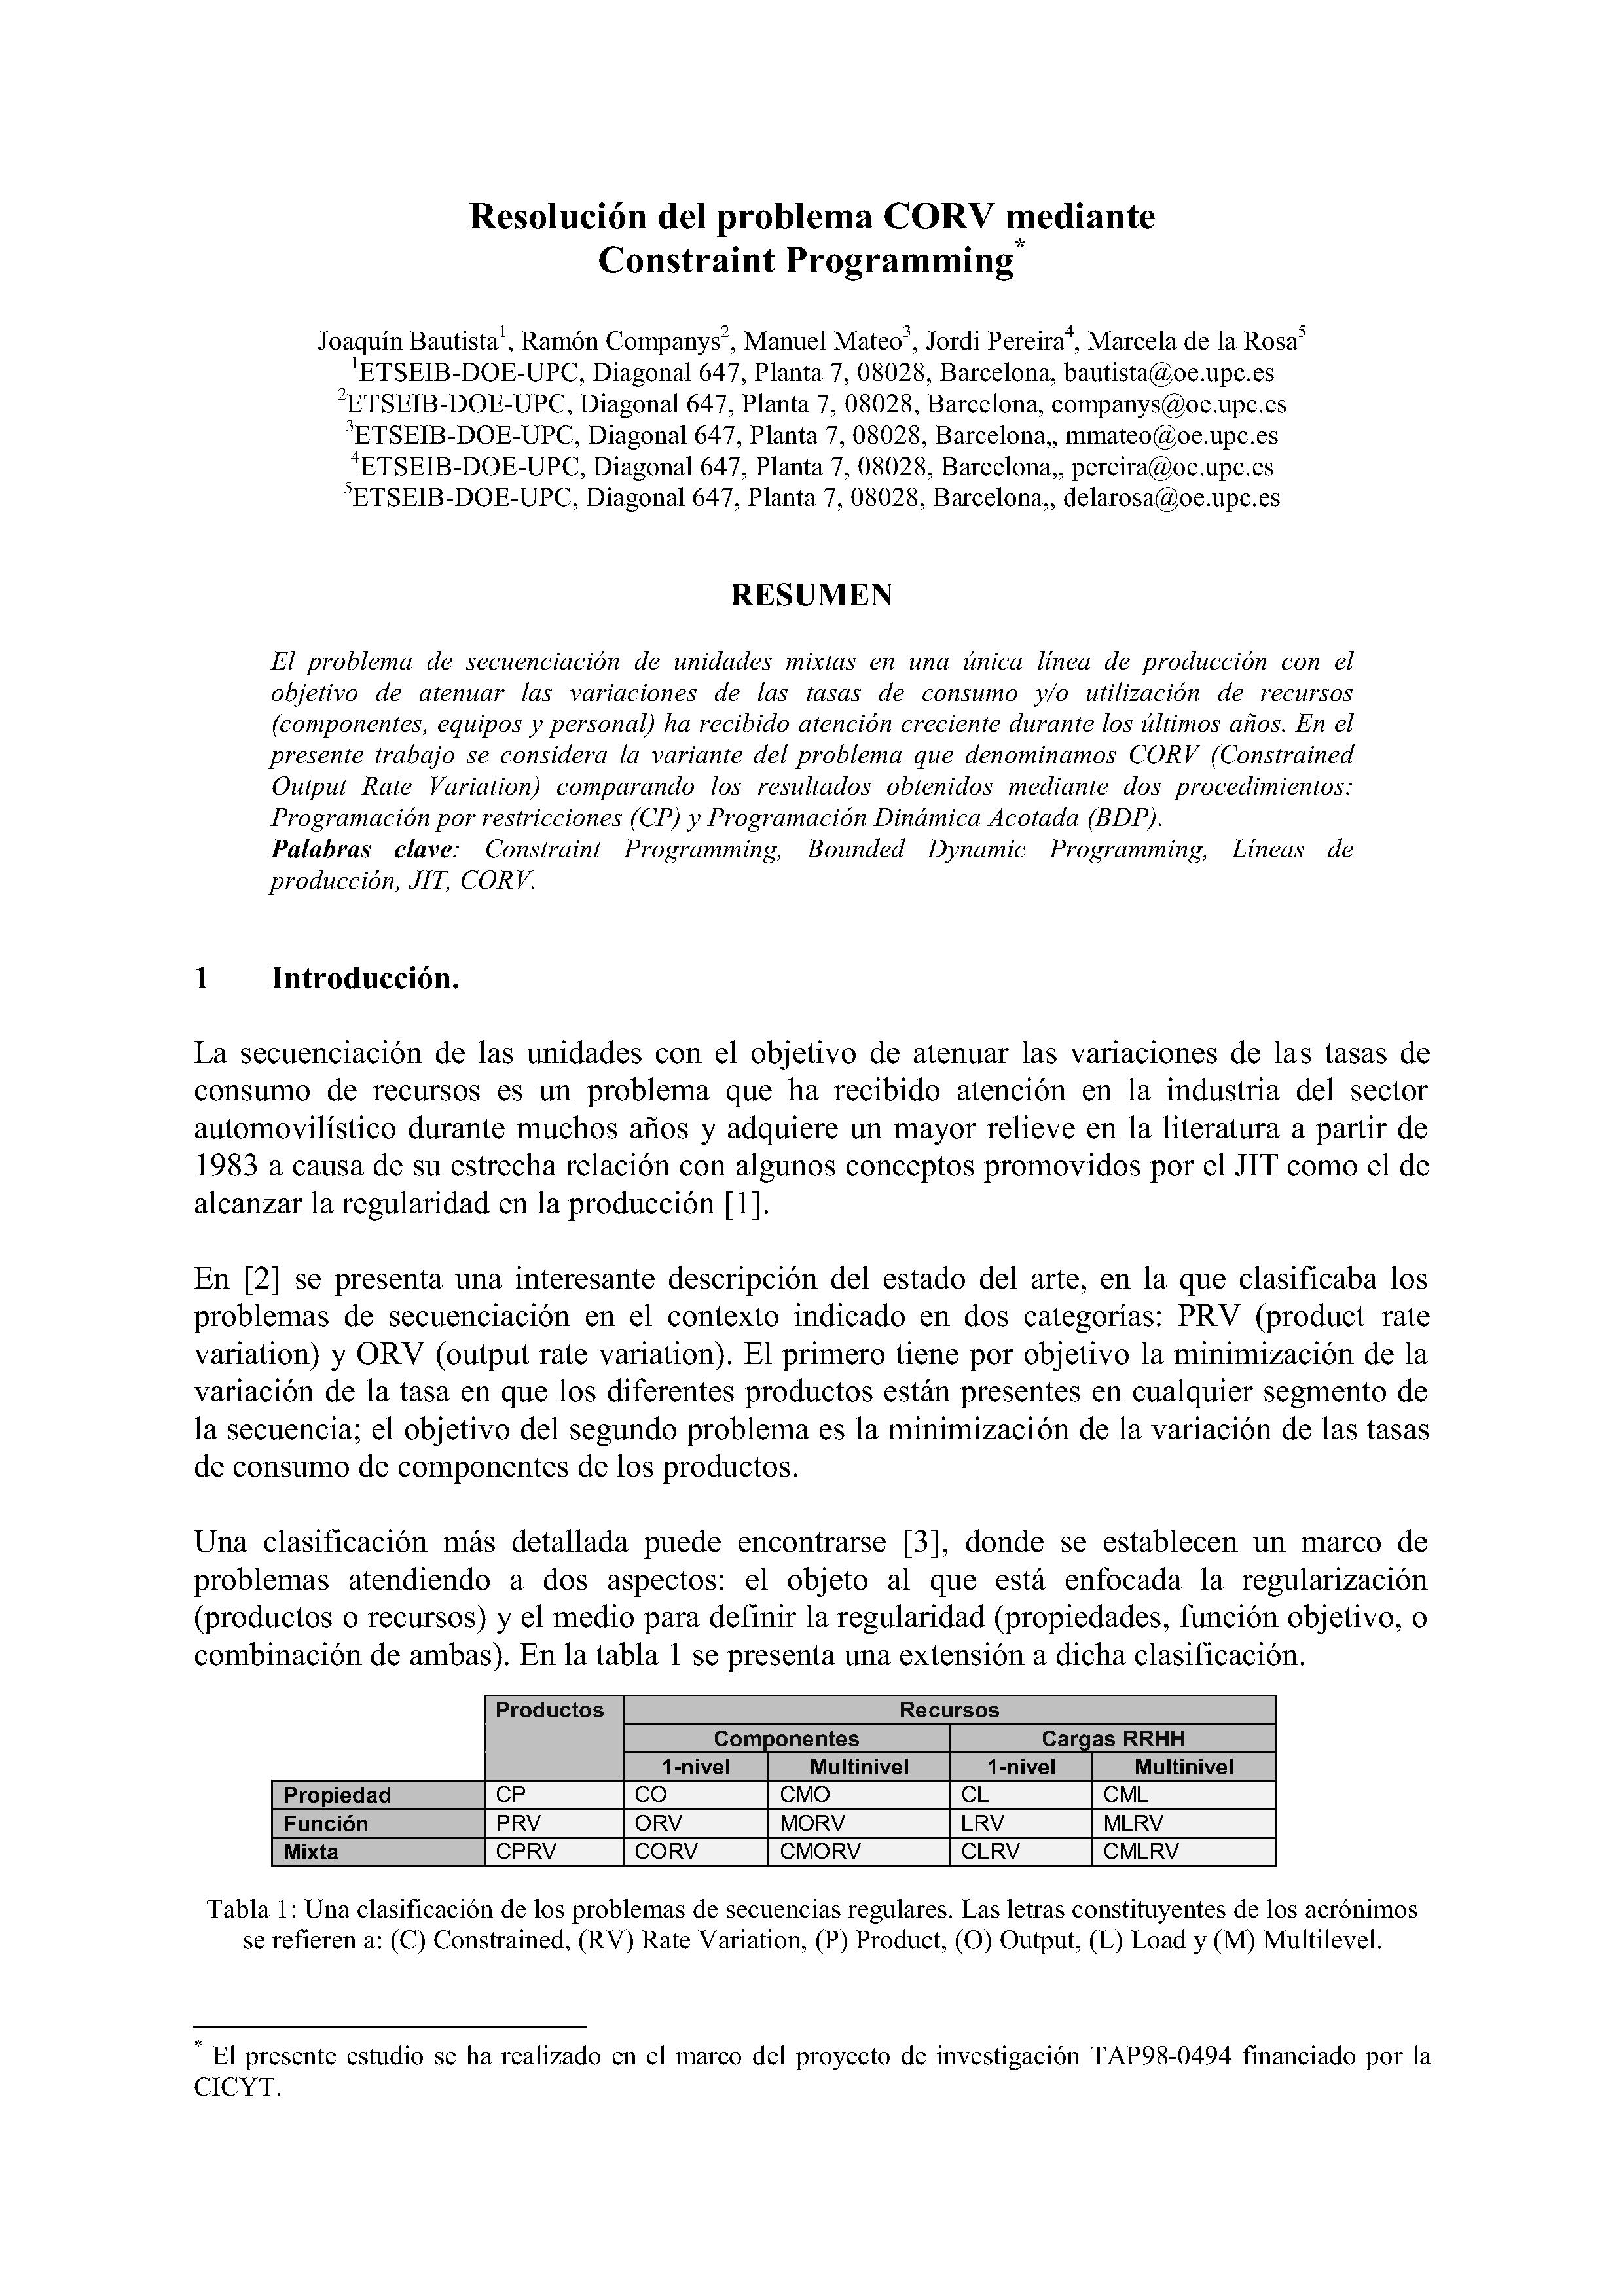 Resolución del problema CORV mediante Constraint Programming*